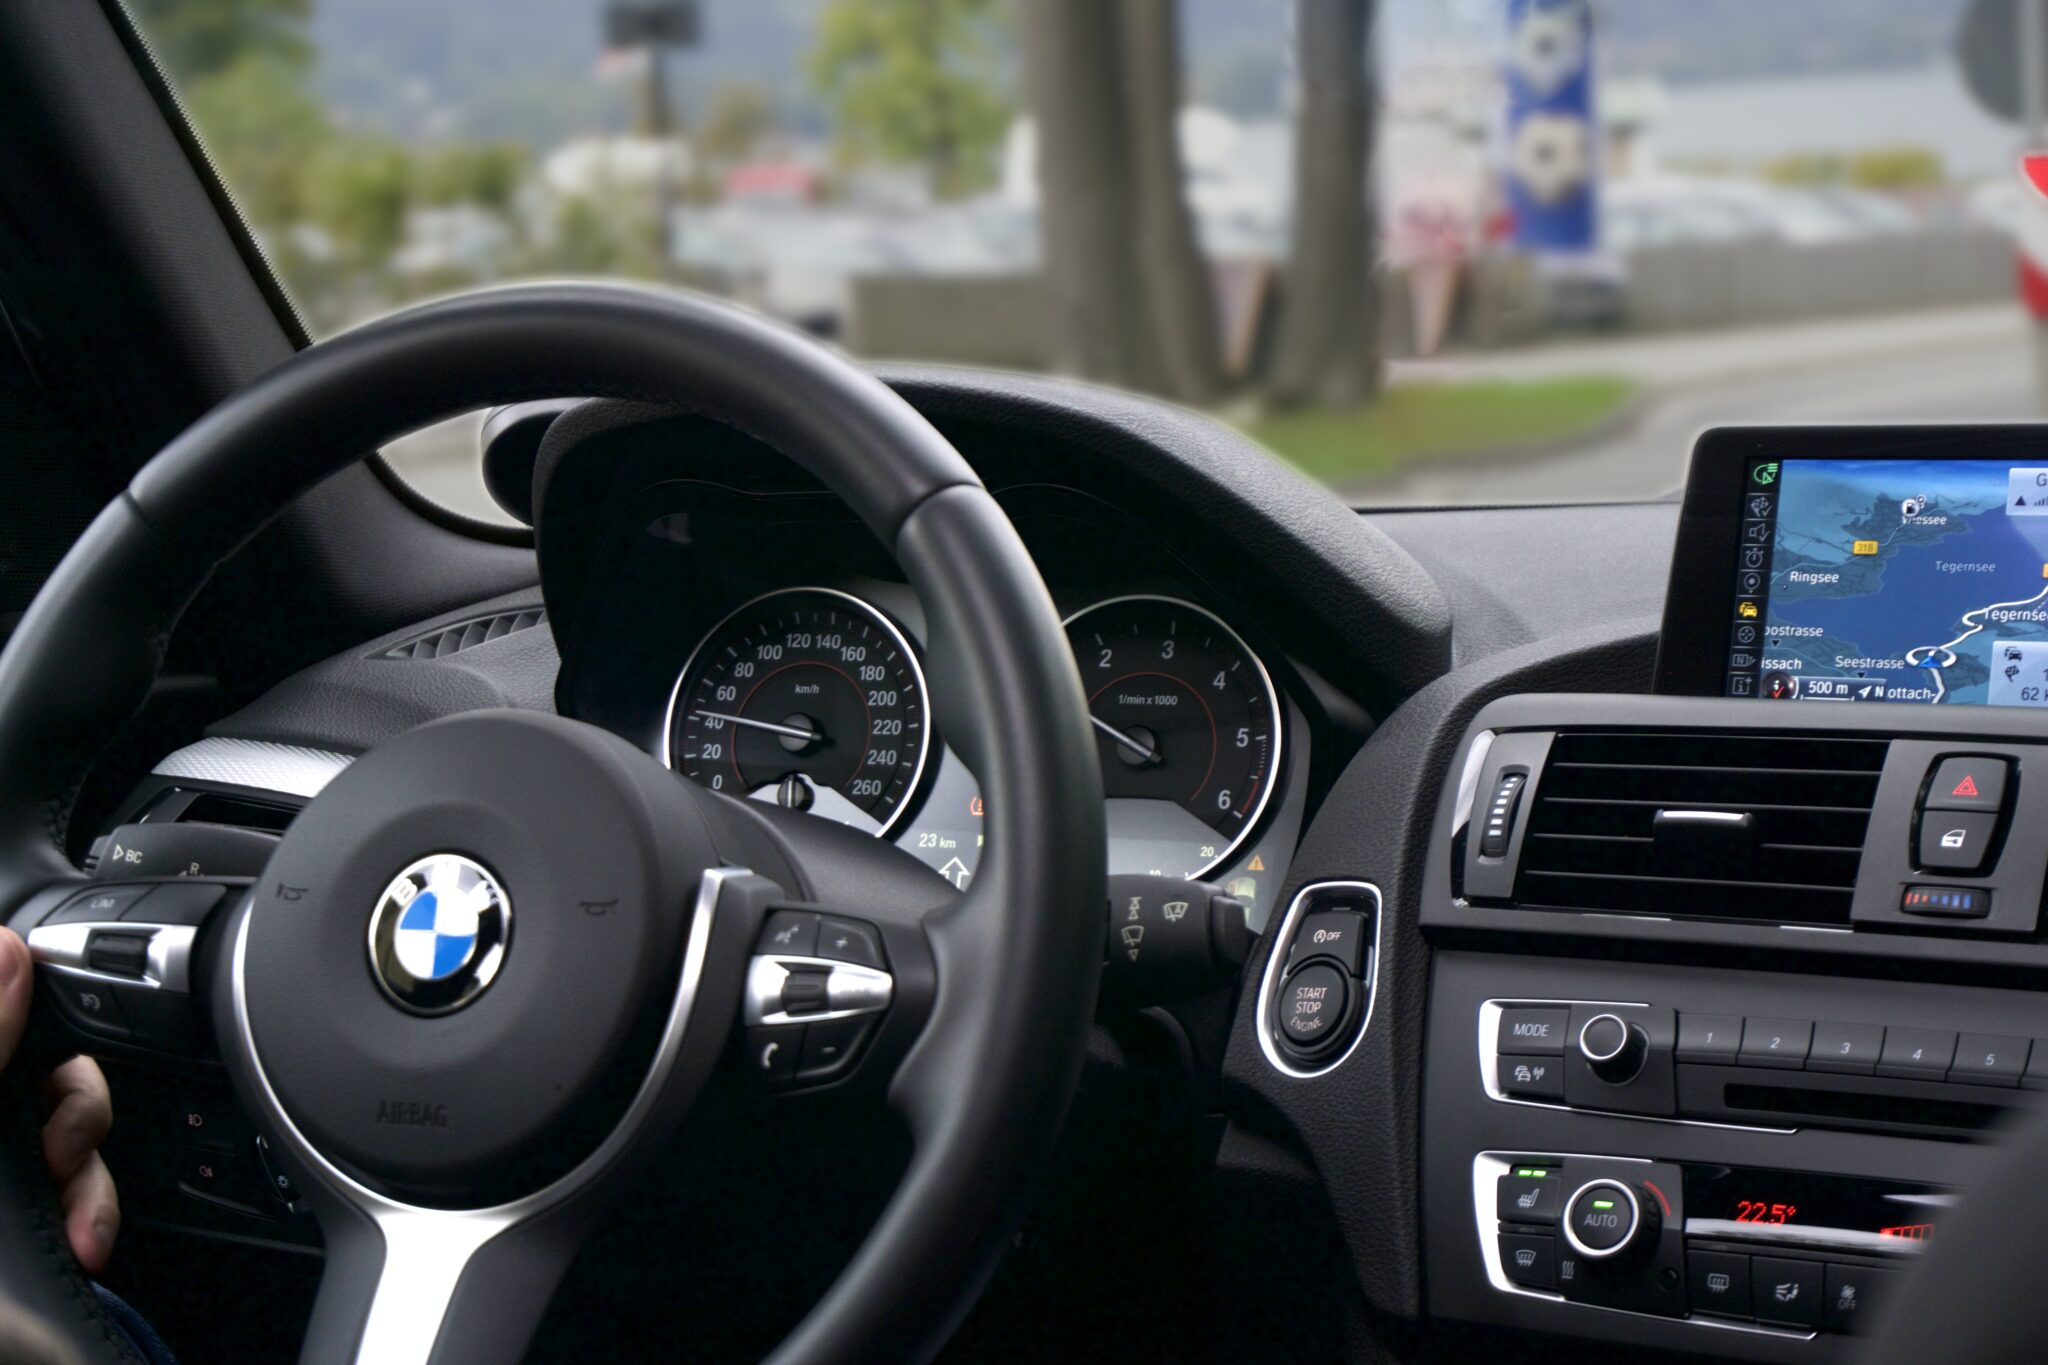 Használt BMW alkatrész kisokos – az FRM modul